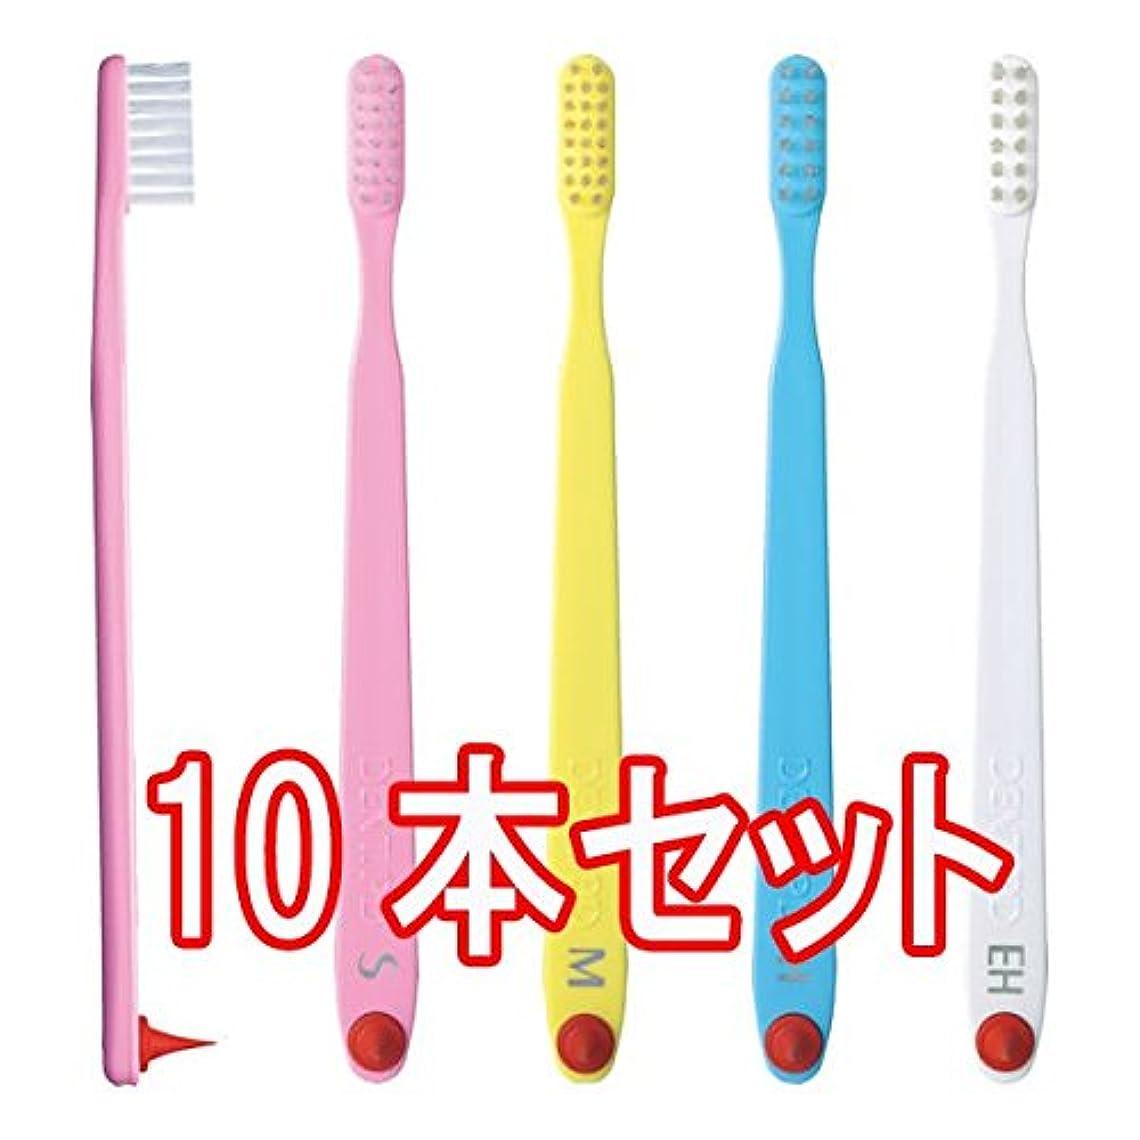 旋回ドナー注目すべきライオン DENT.PD 歯ブラシ 10本入 (M)